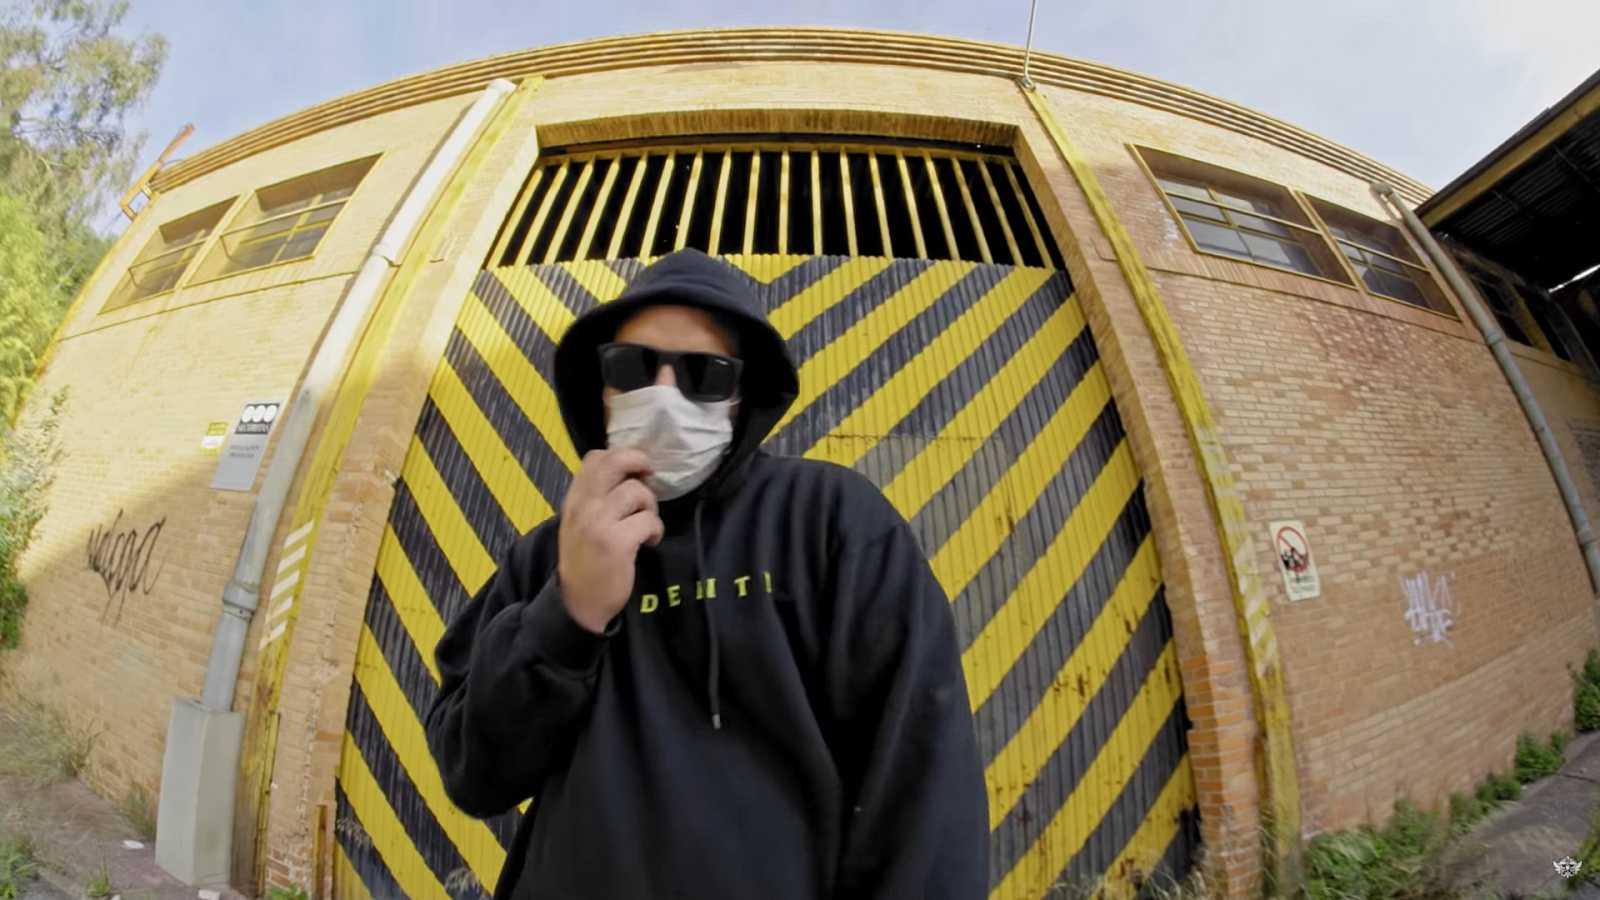 Foyone alude al Coronavirus en su último 'Rap sin corte XVI'